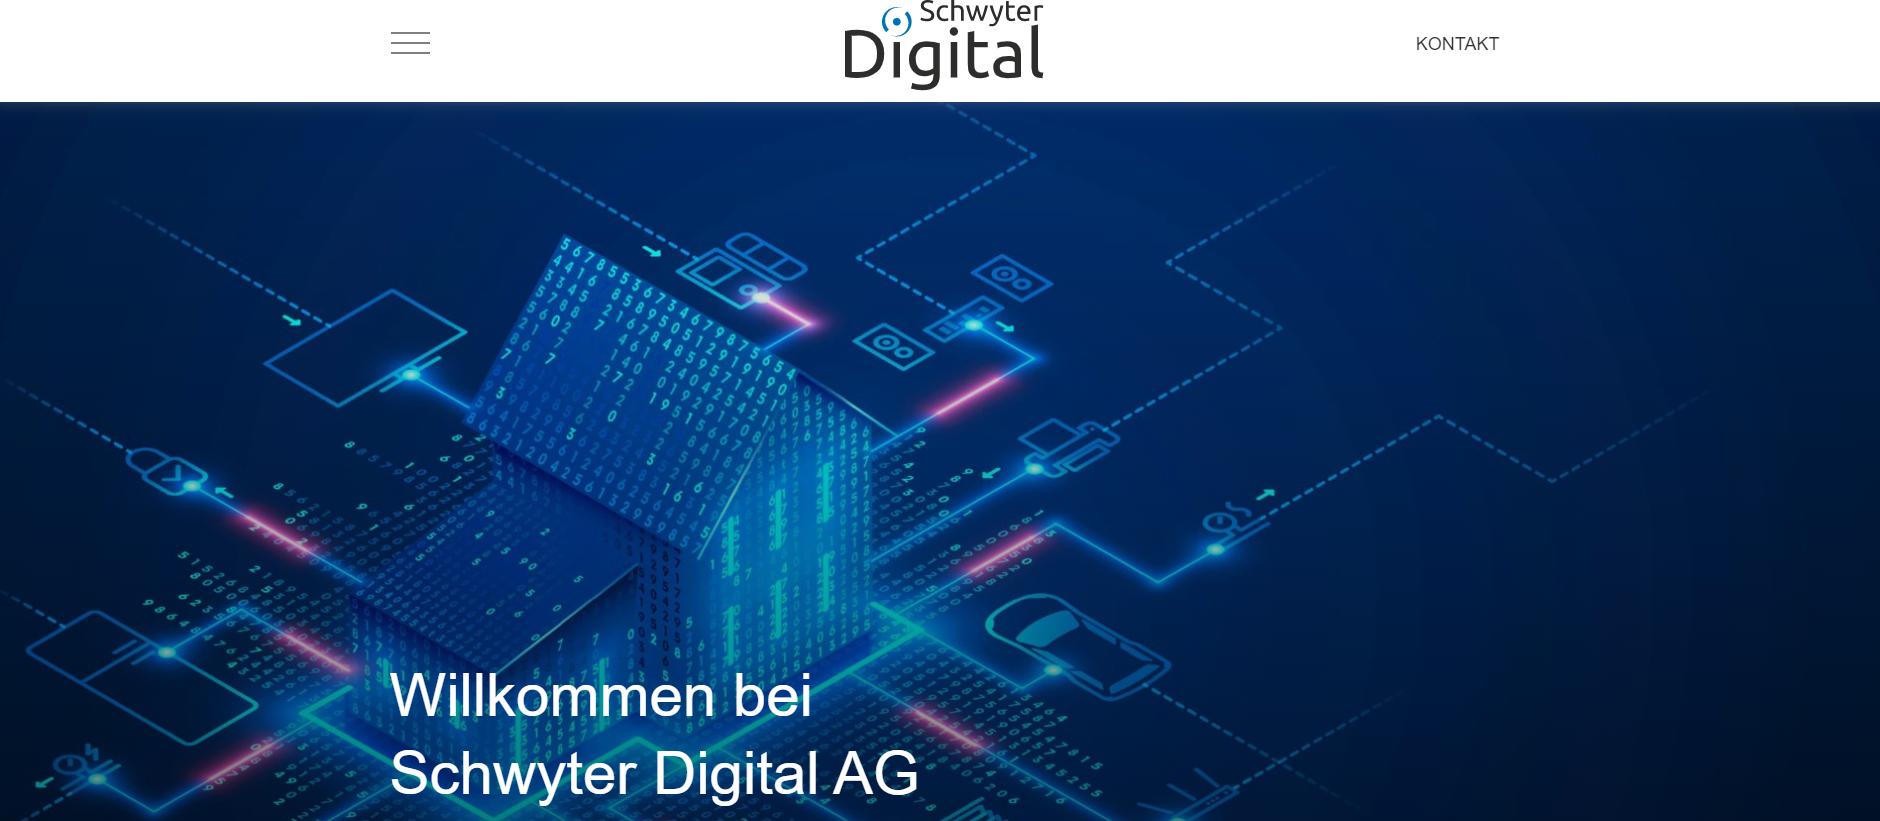 Relaunch schwyterdigital.ch